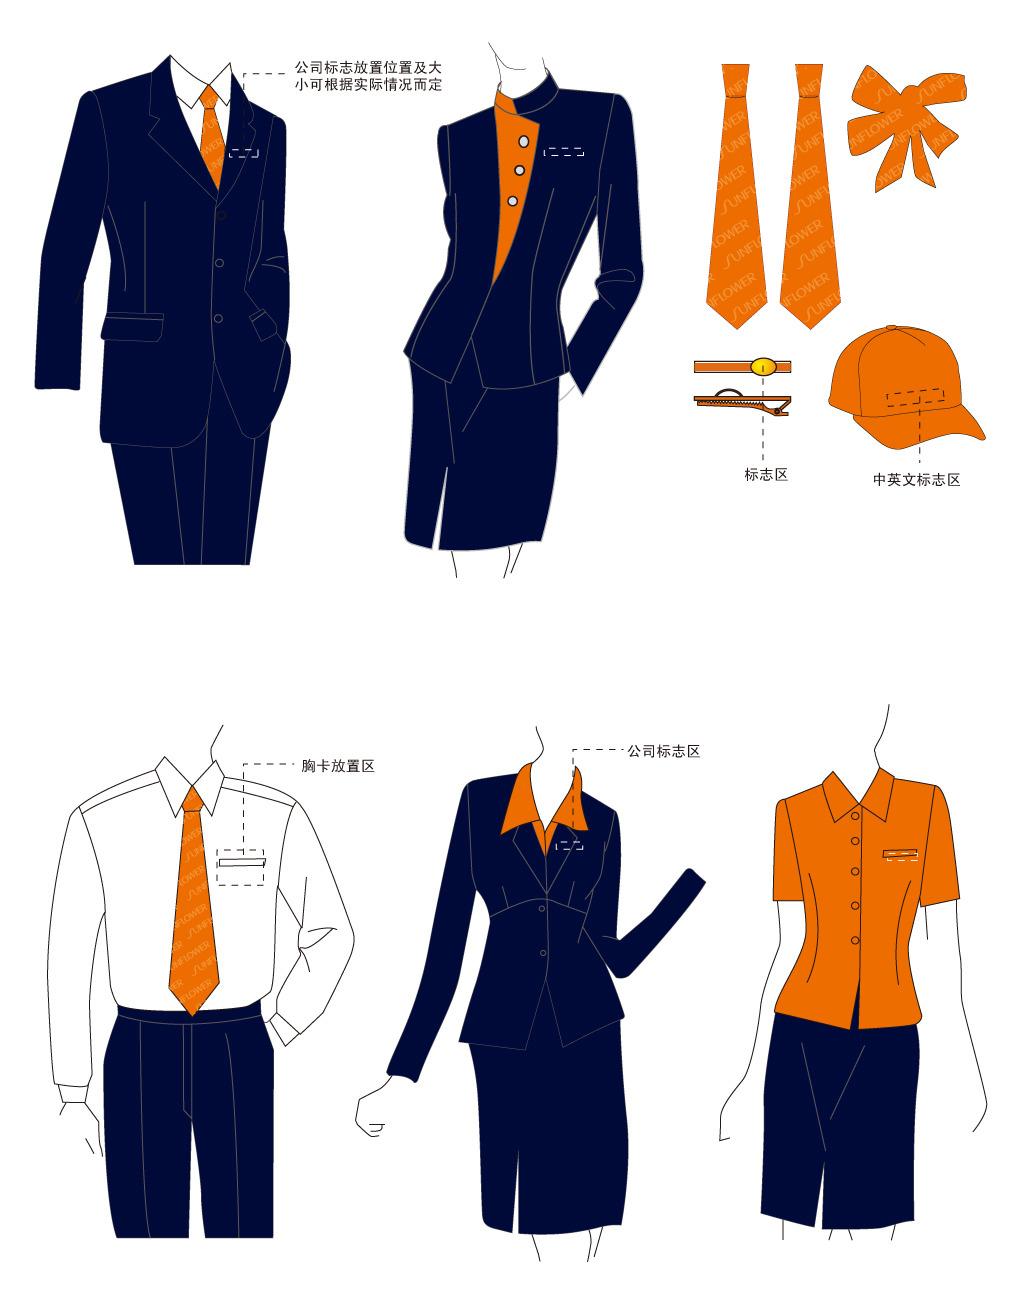 公关服装设计ai格式